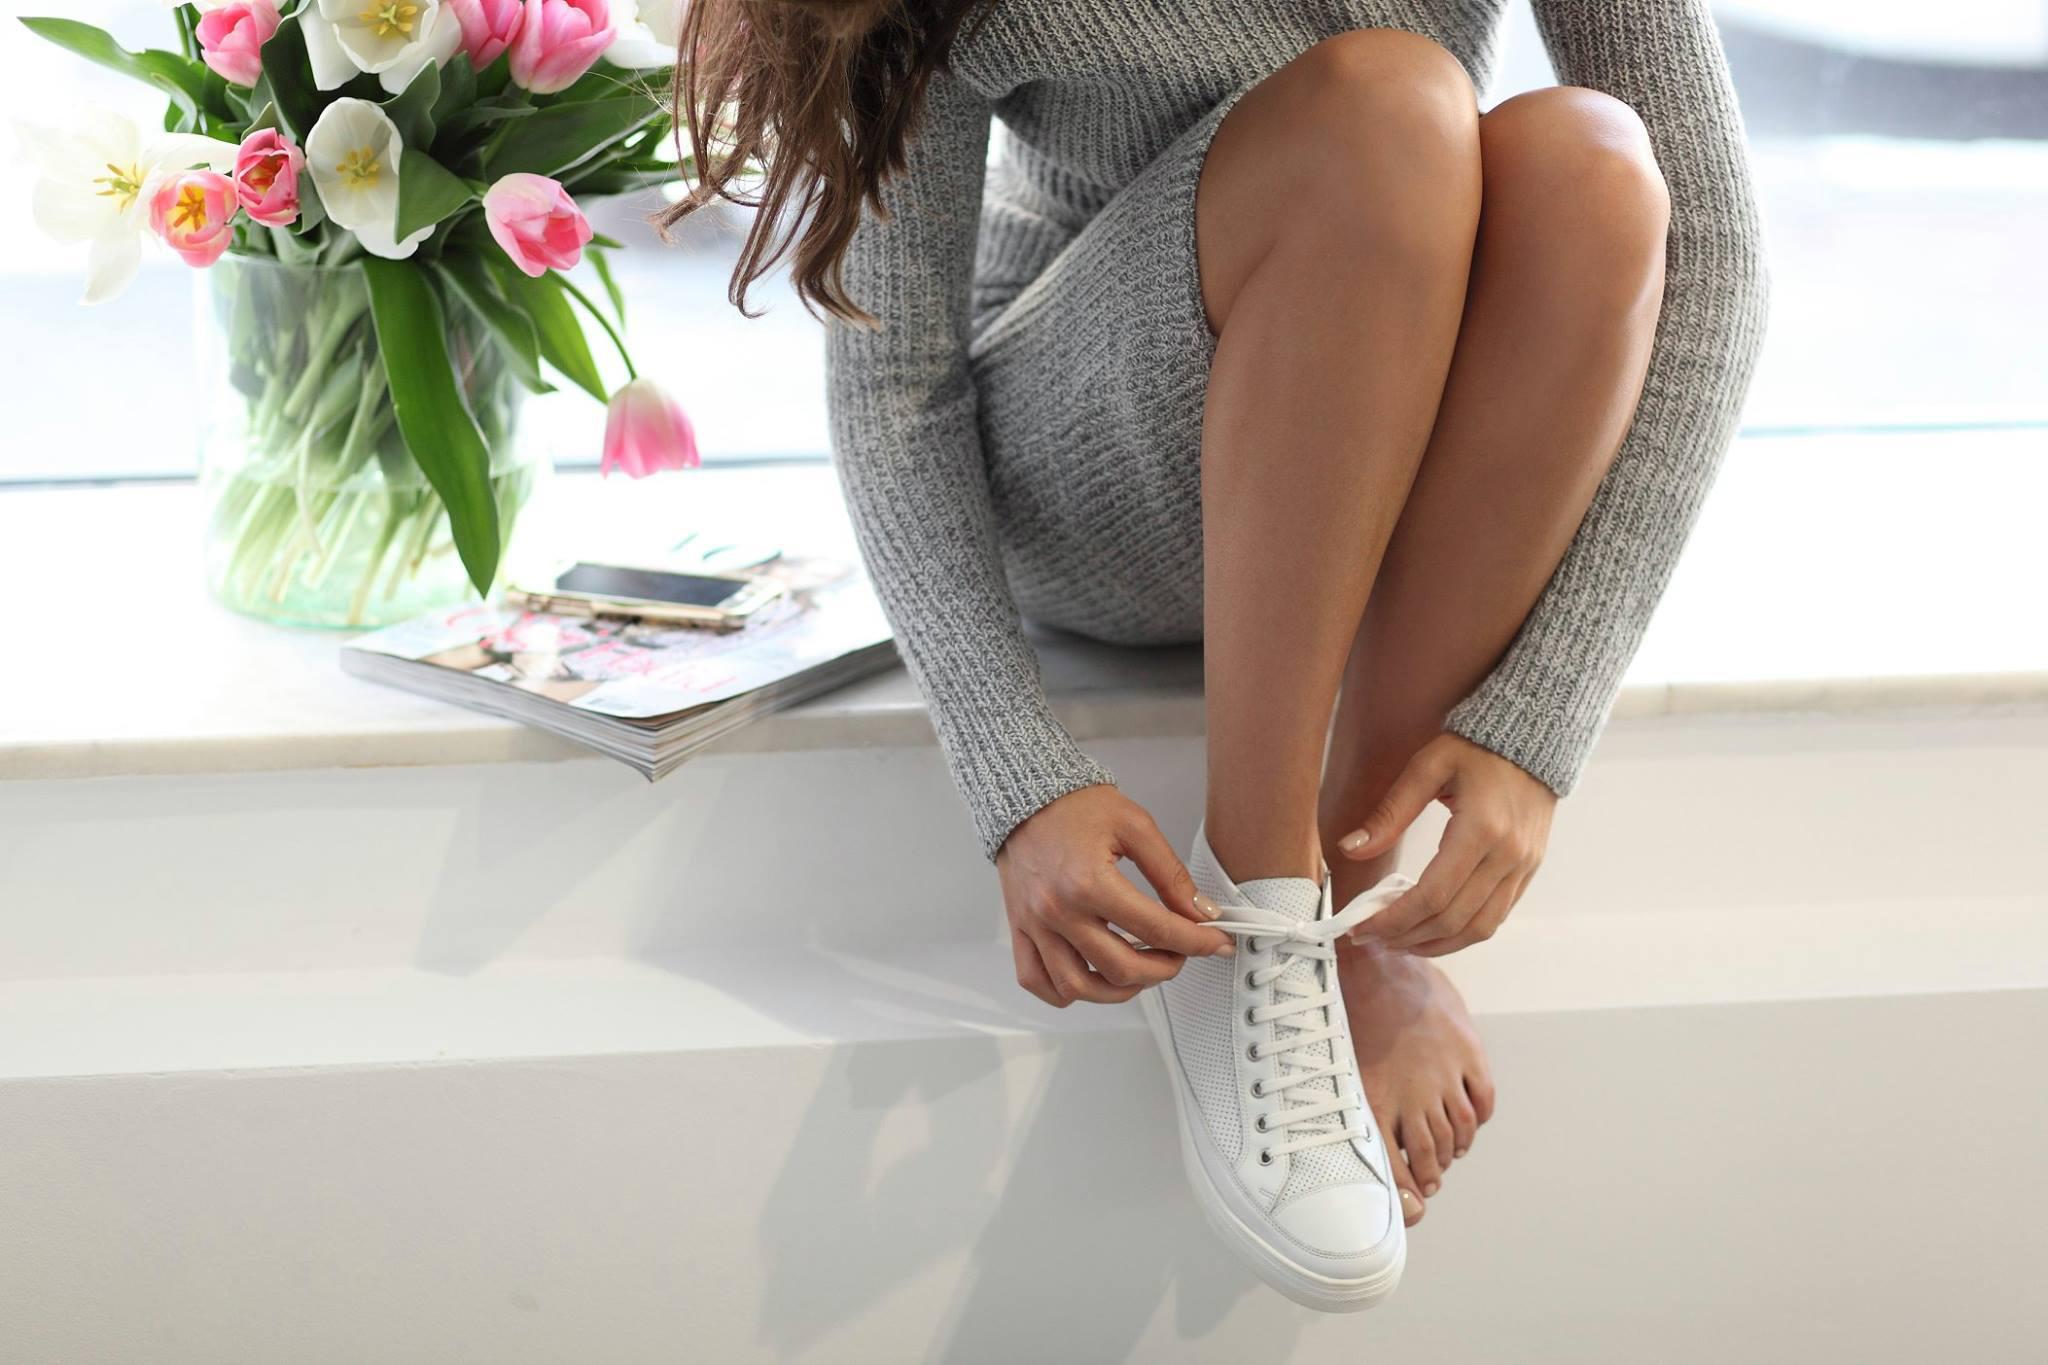 スニーカーを履く女性